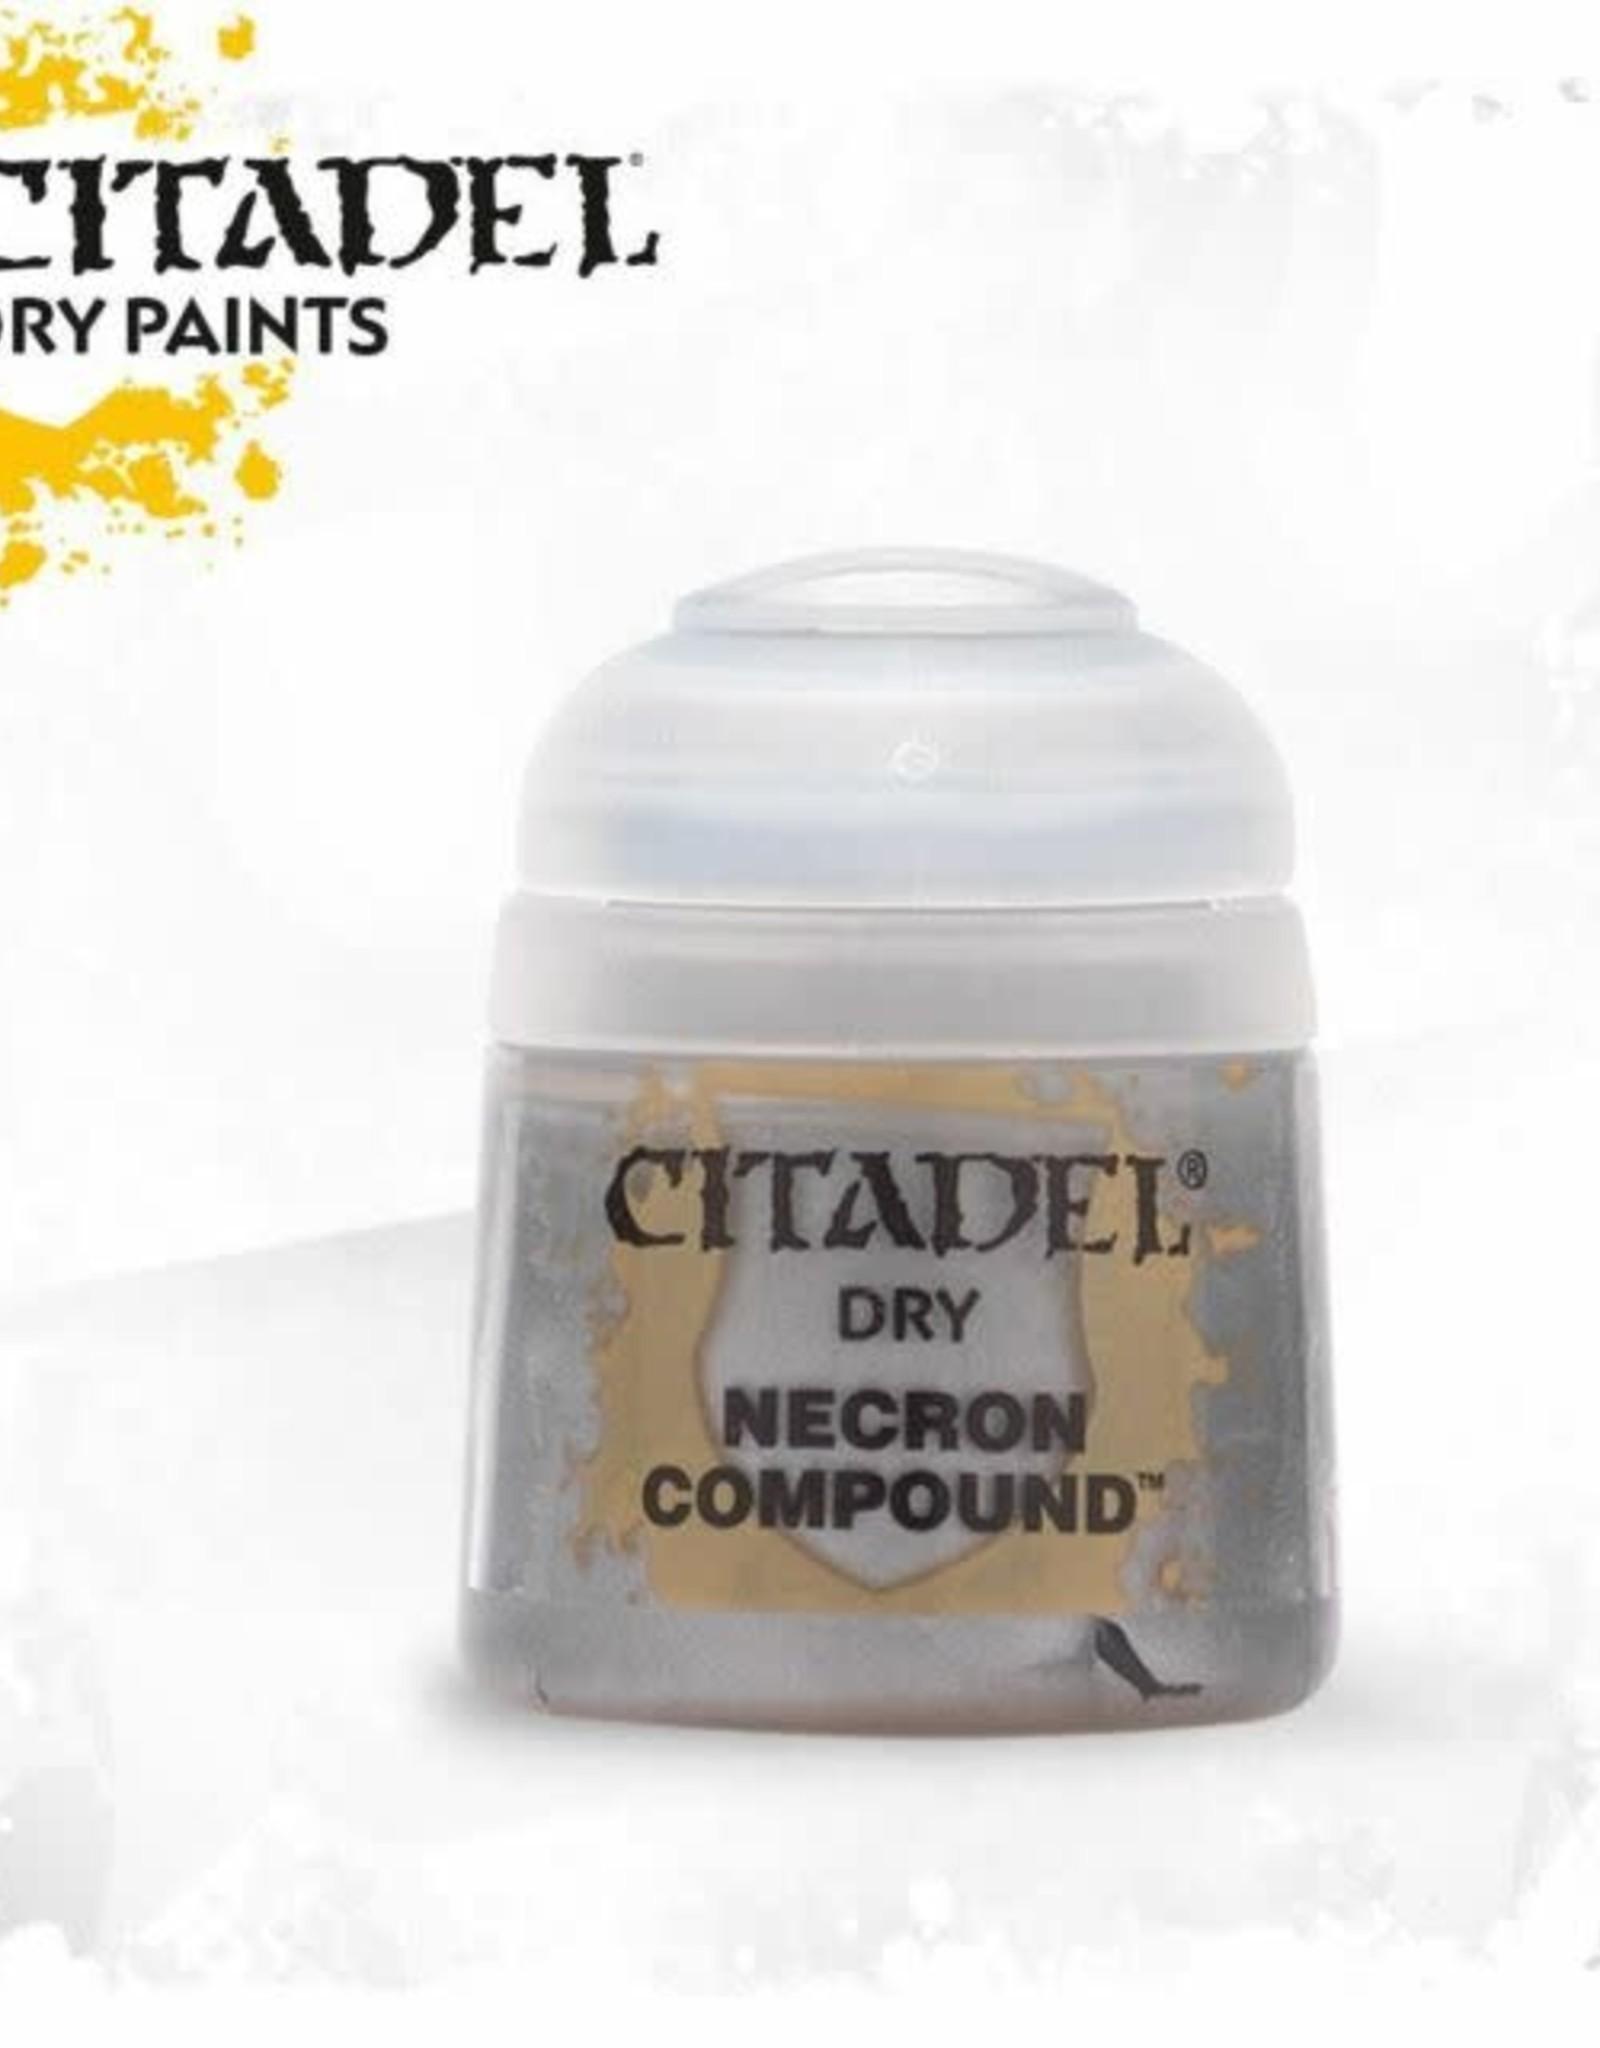 Games Workshop Citadel Paint: Dry - Necron Compound